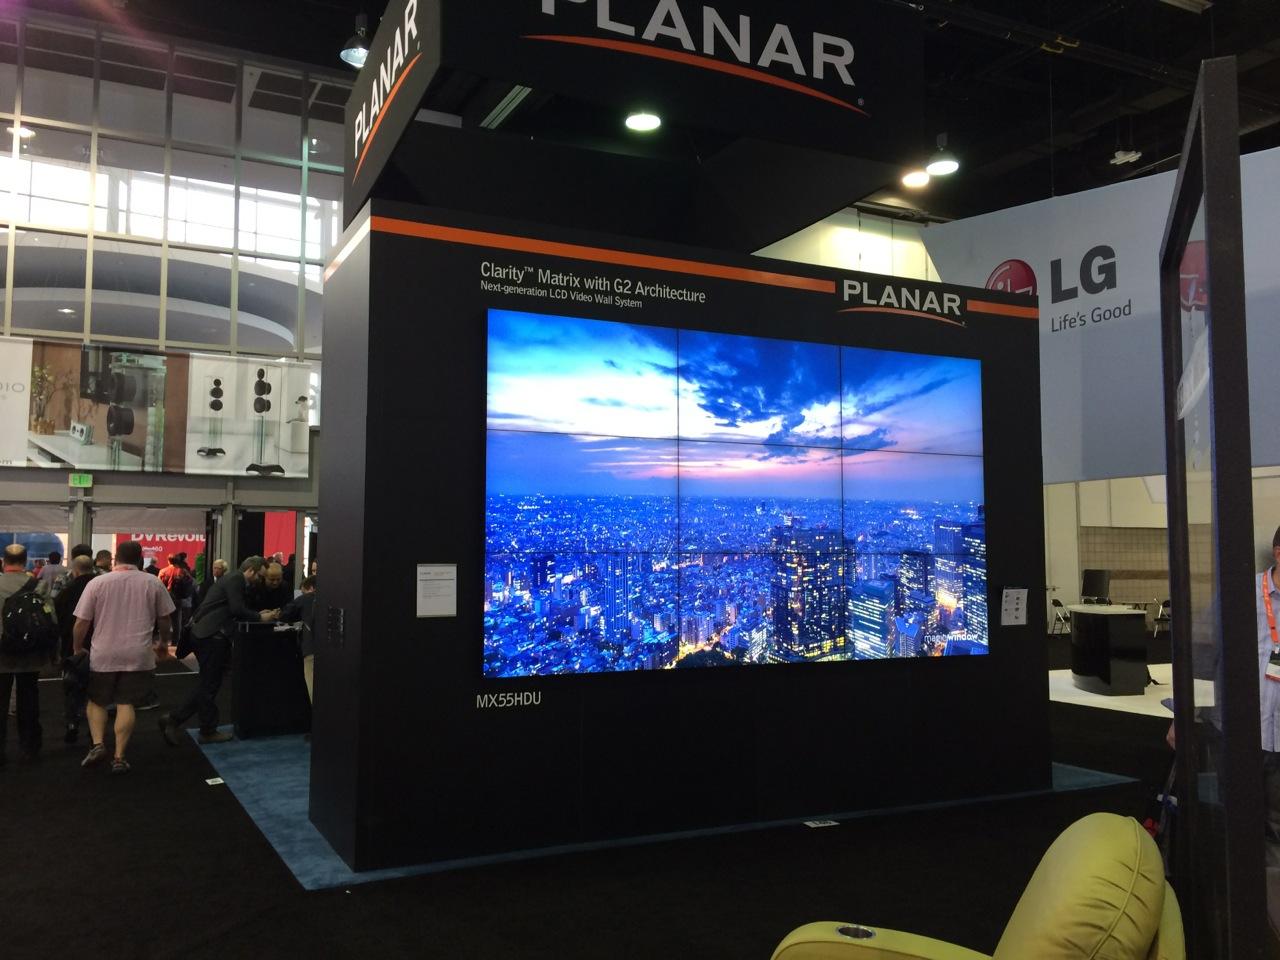 Massive 3x3 Planar video wall